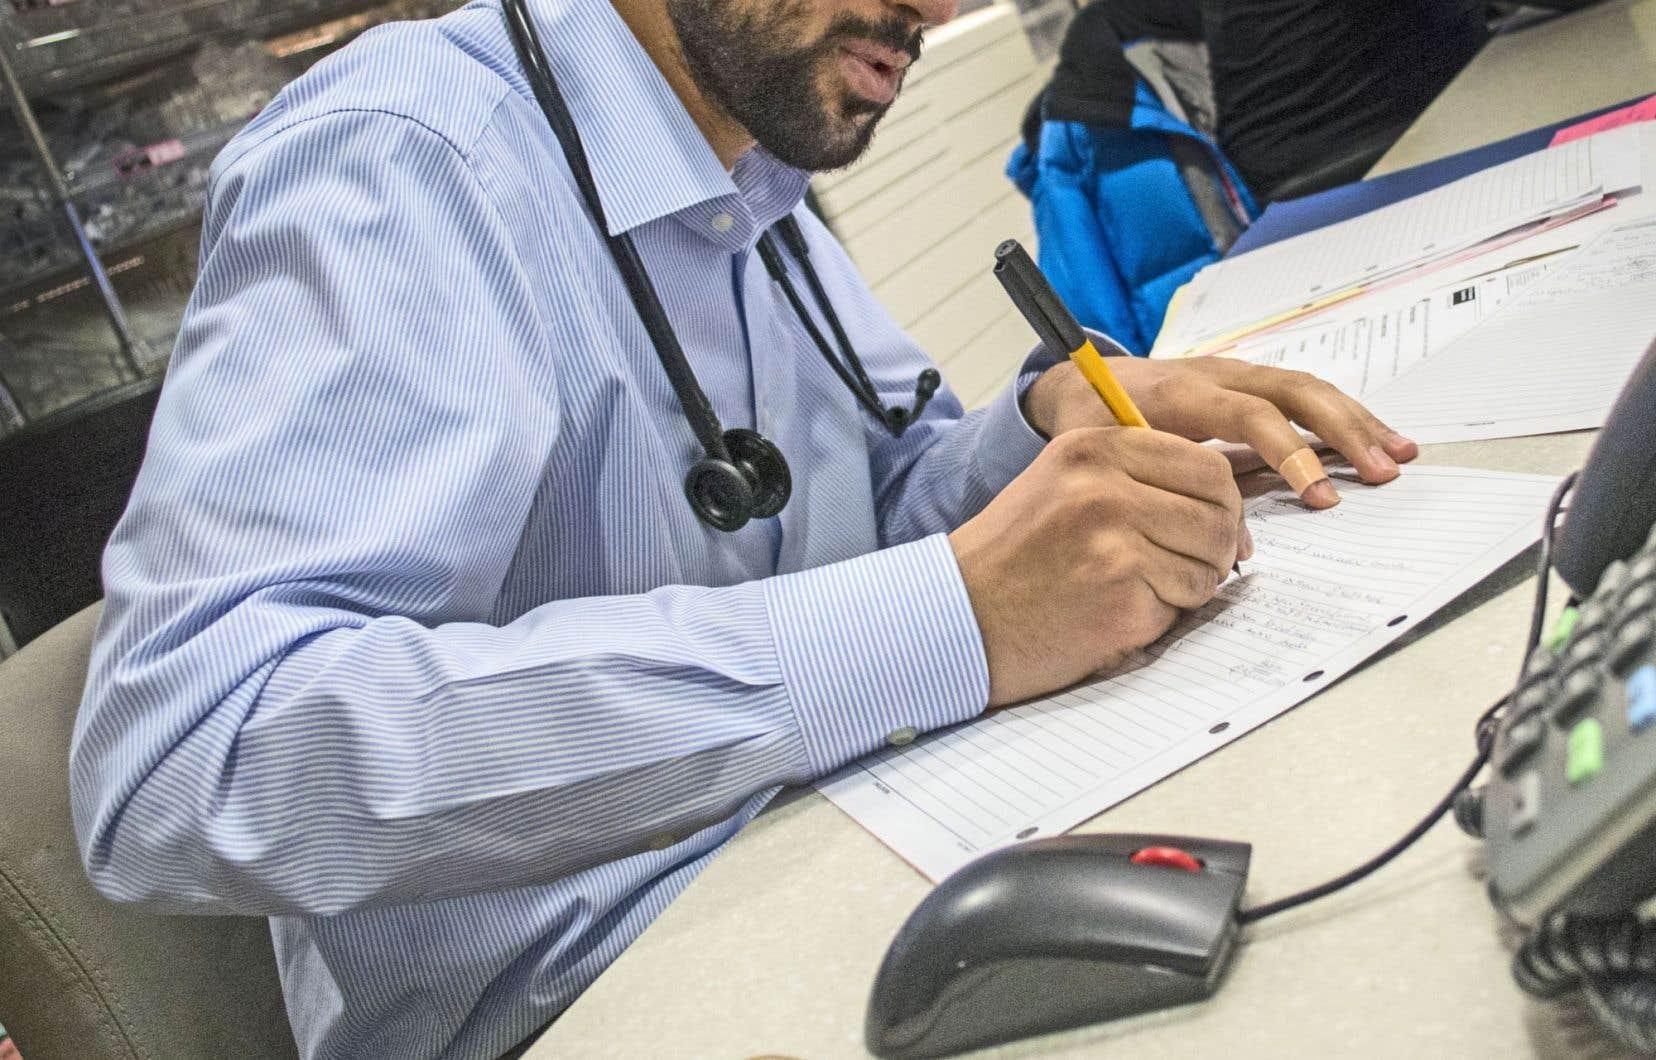 Les patients se voient facturer de plus en plus de frais lors de visites médicales, et ce, au-delà des rares exceptions permises par la loi.